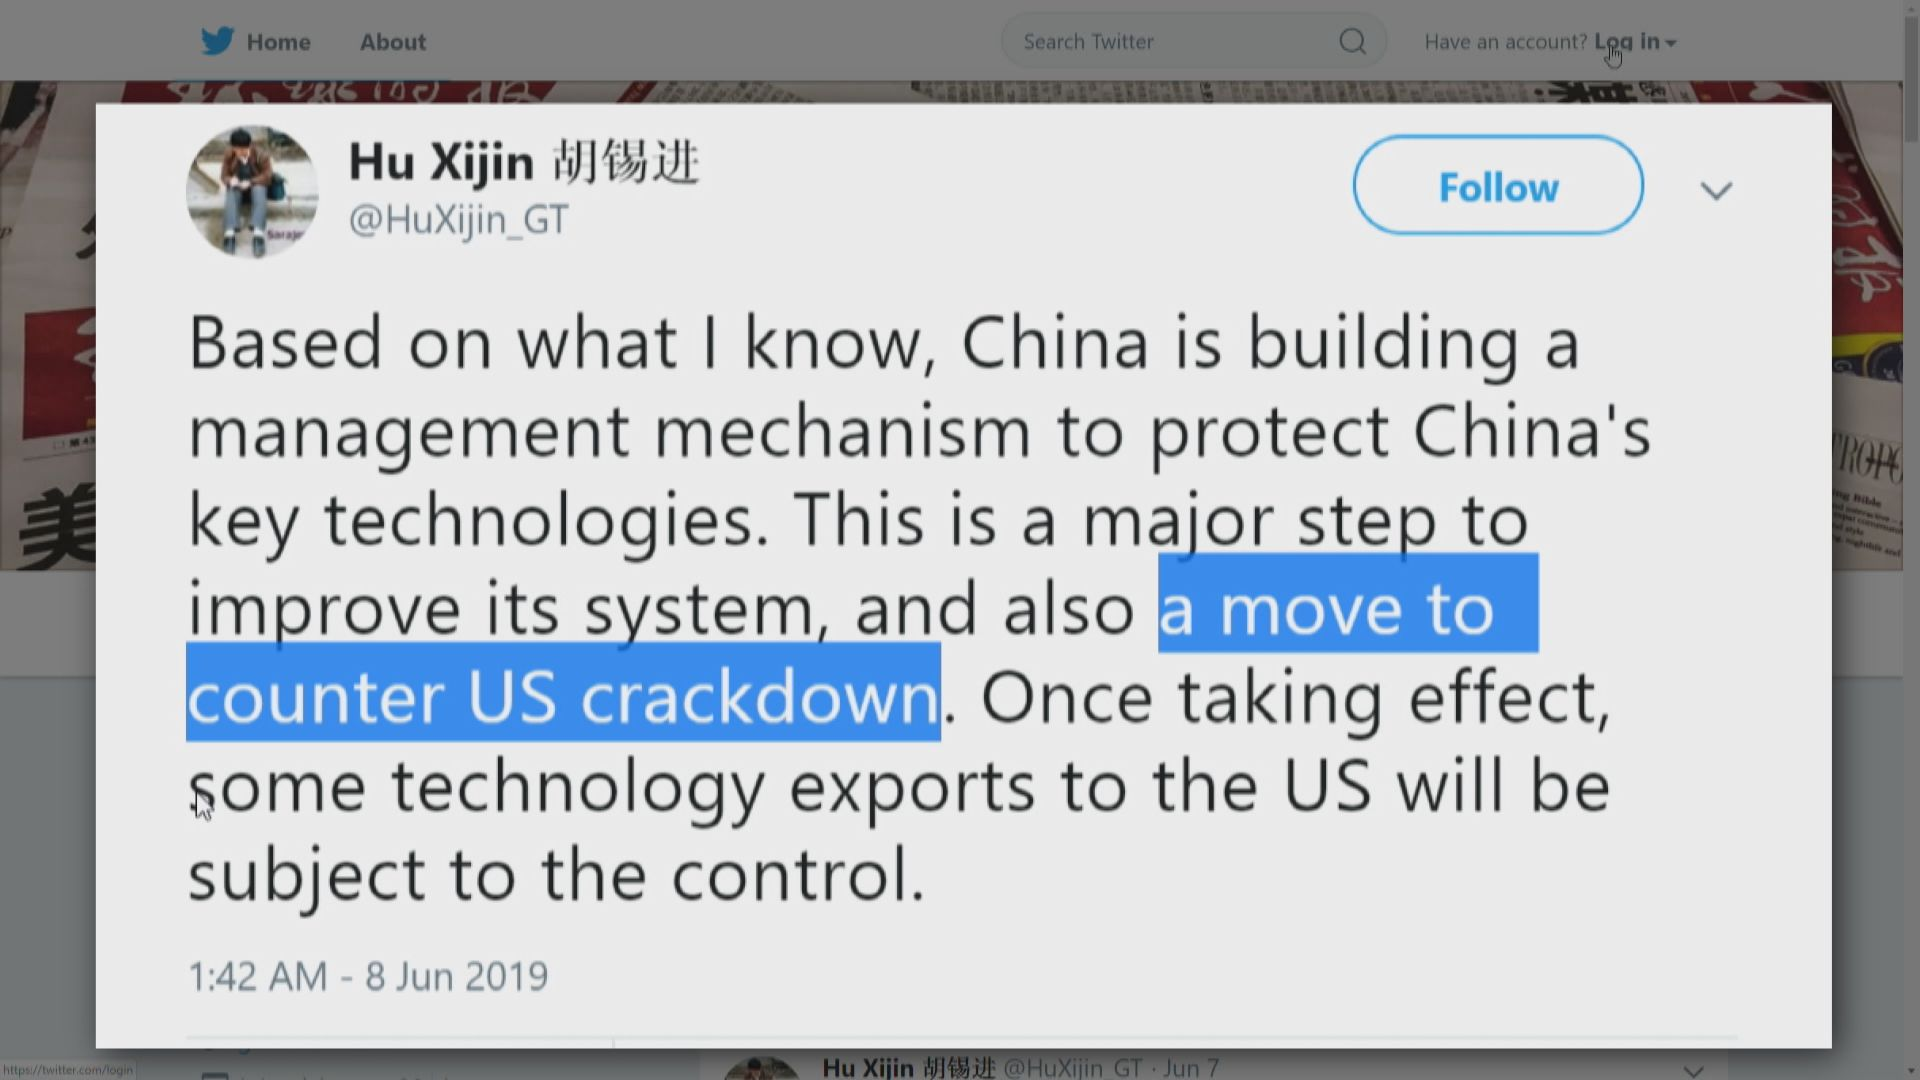 環時總編輯:中國正建機制限制技術出口到美國